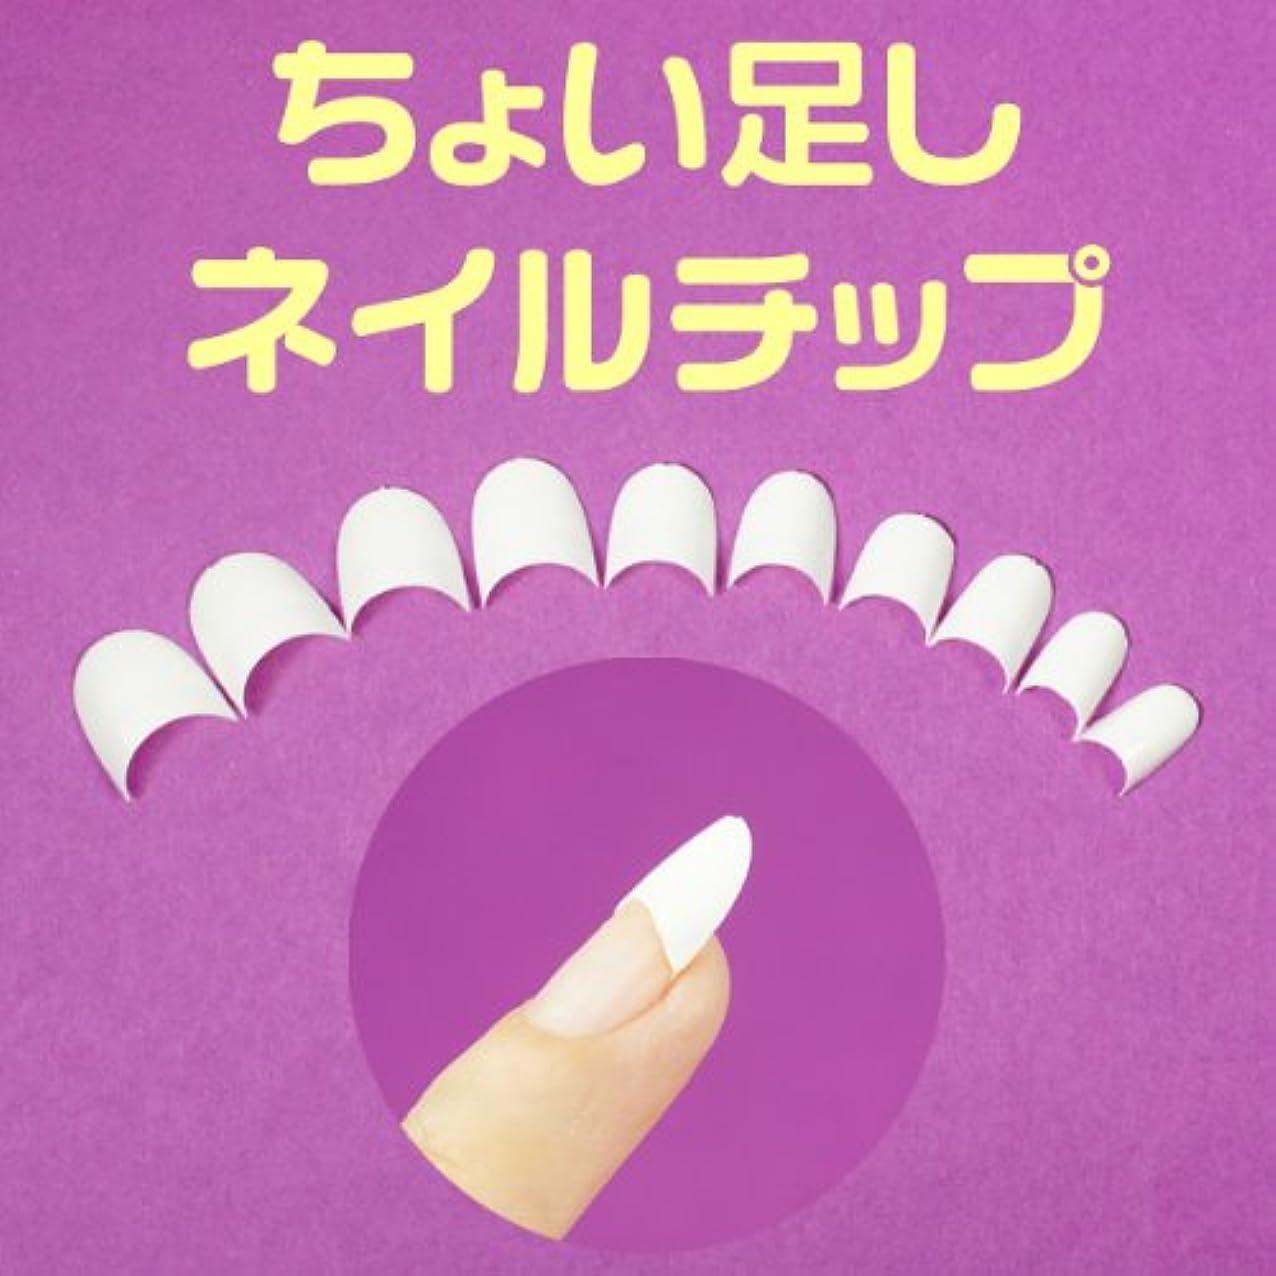 満員カウント形状白いちょい足しネイルチップ 超短いハーフチップ スカルプチャー ジェルネイル ラウンドショートクリアネイルチップ つけ爪付け爪